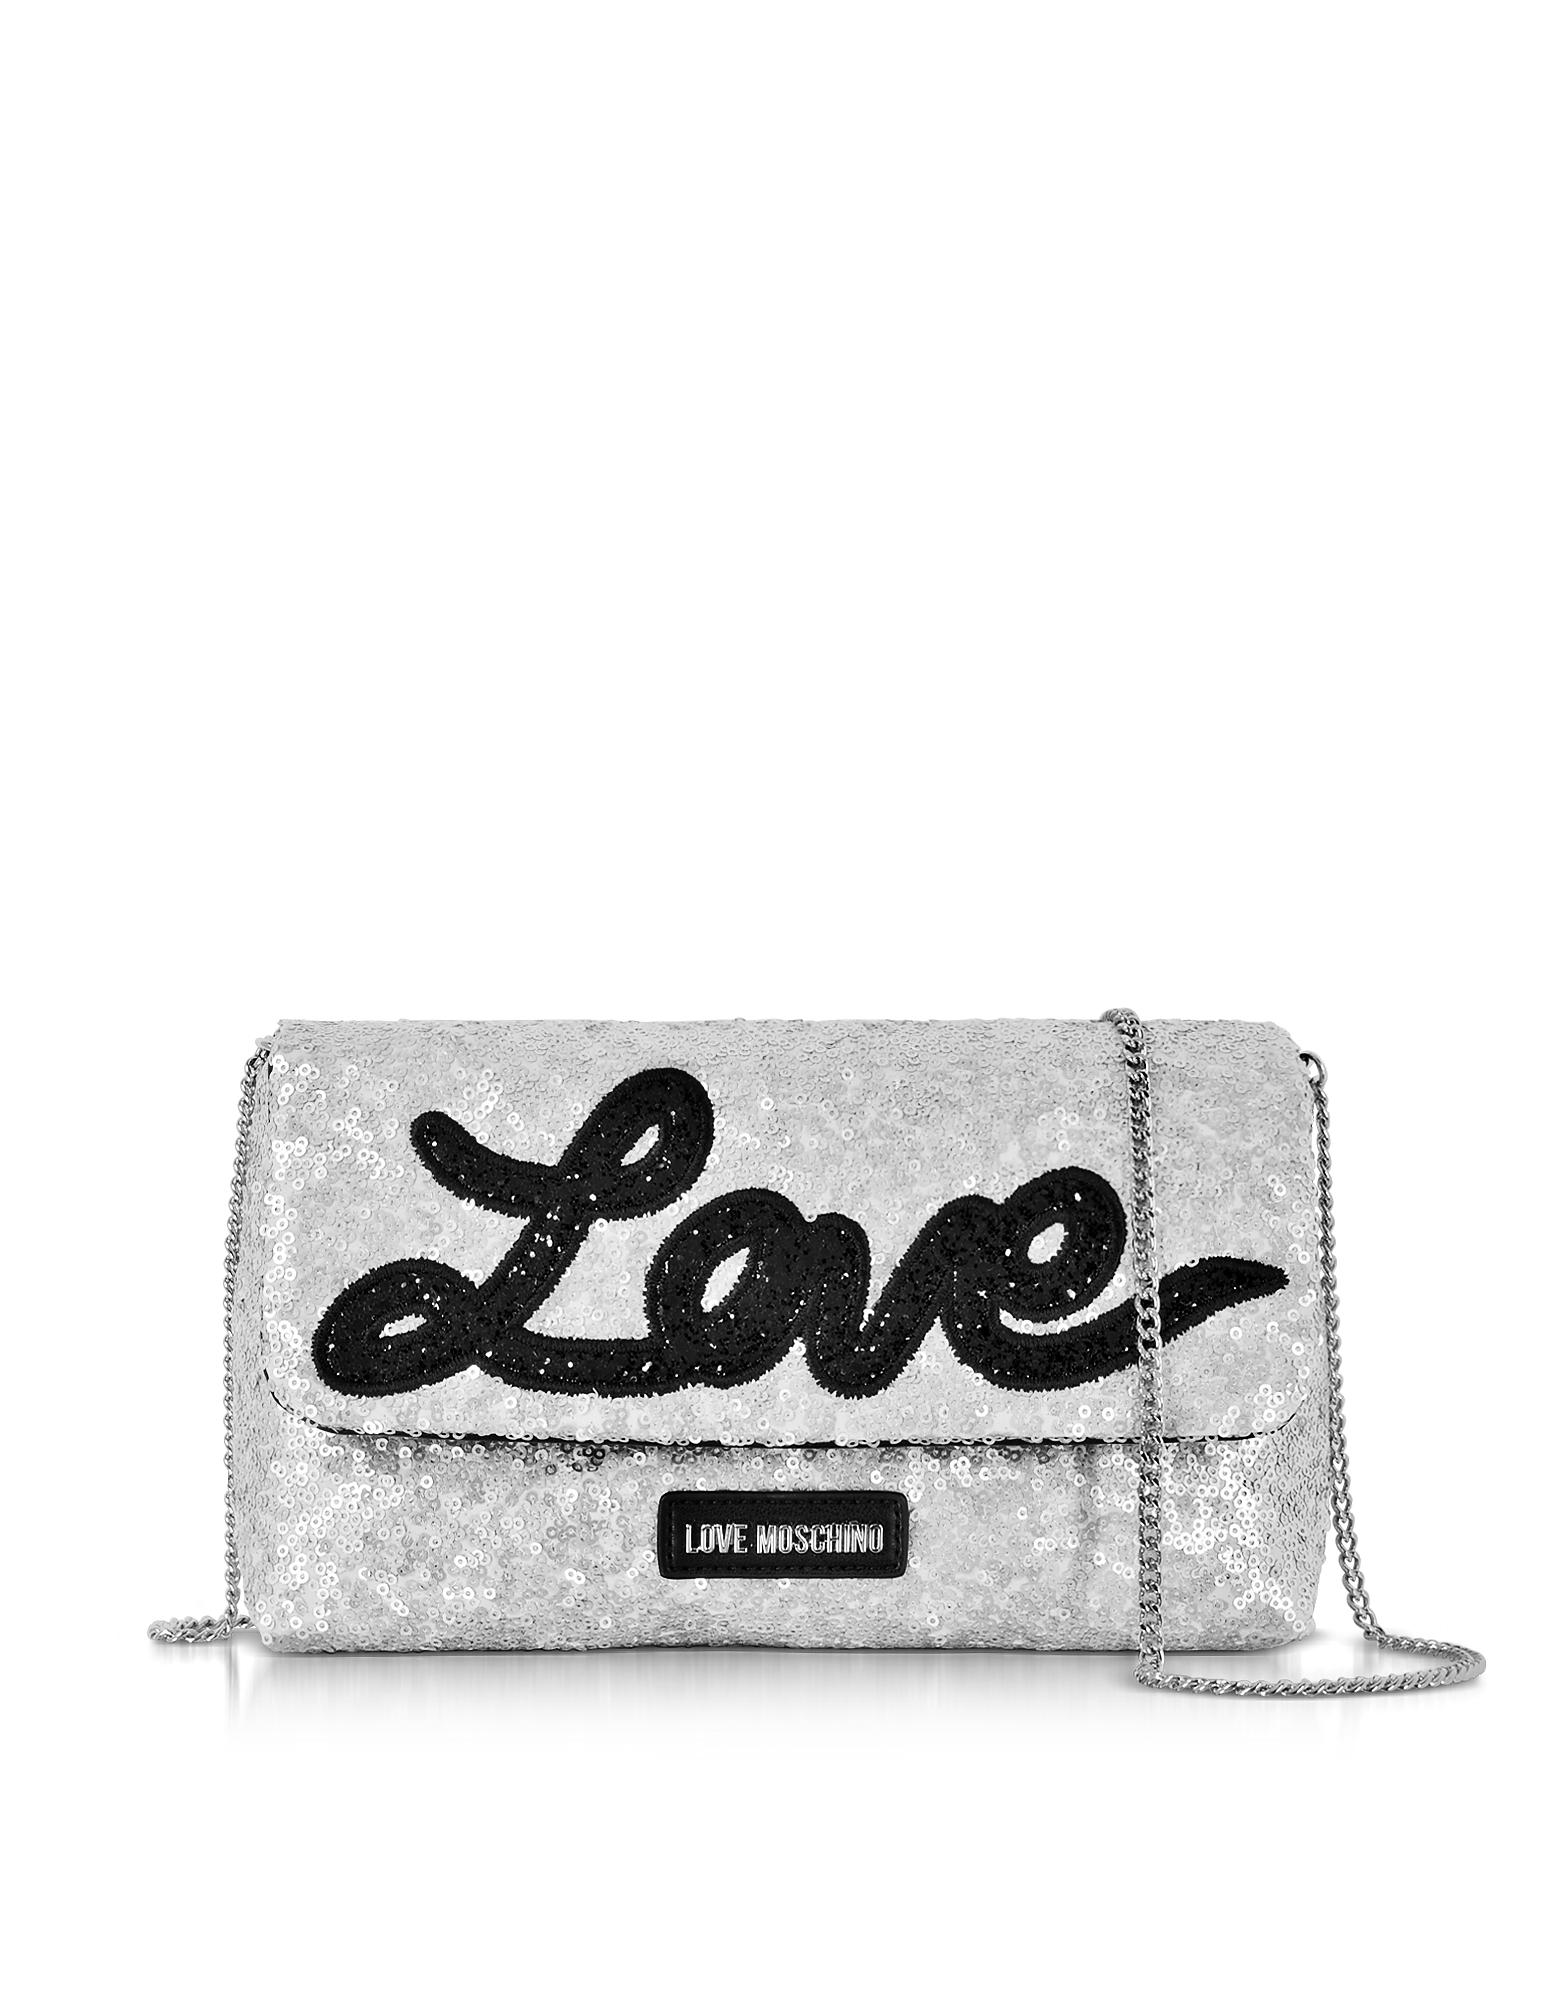 Love Sequins - Клатч Серебристый Металлик с Цепочкой на Плечо